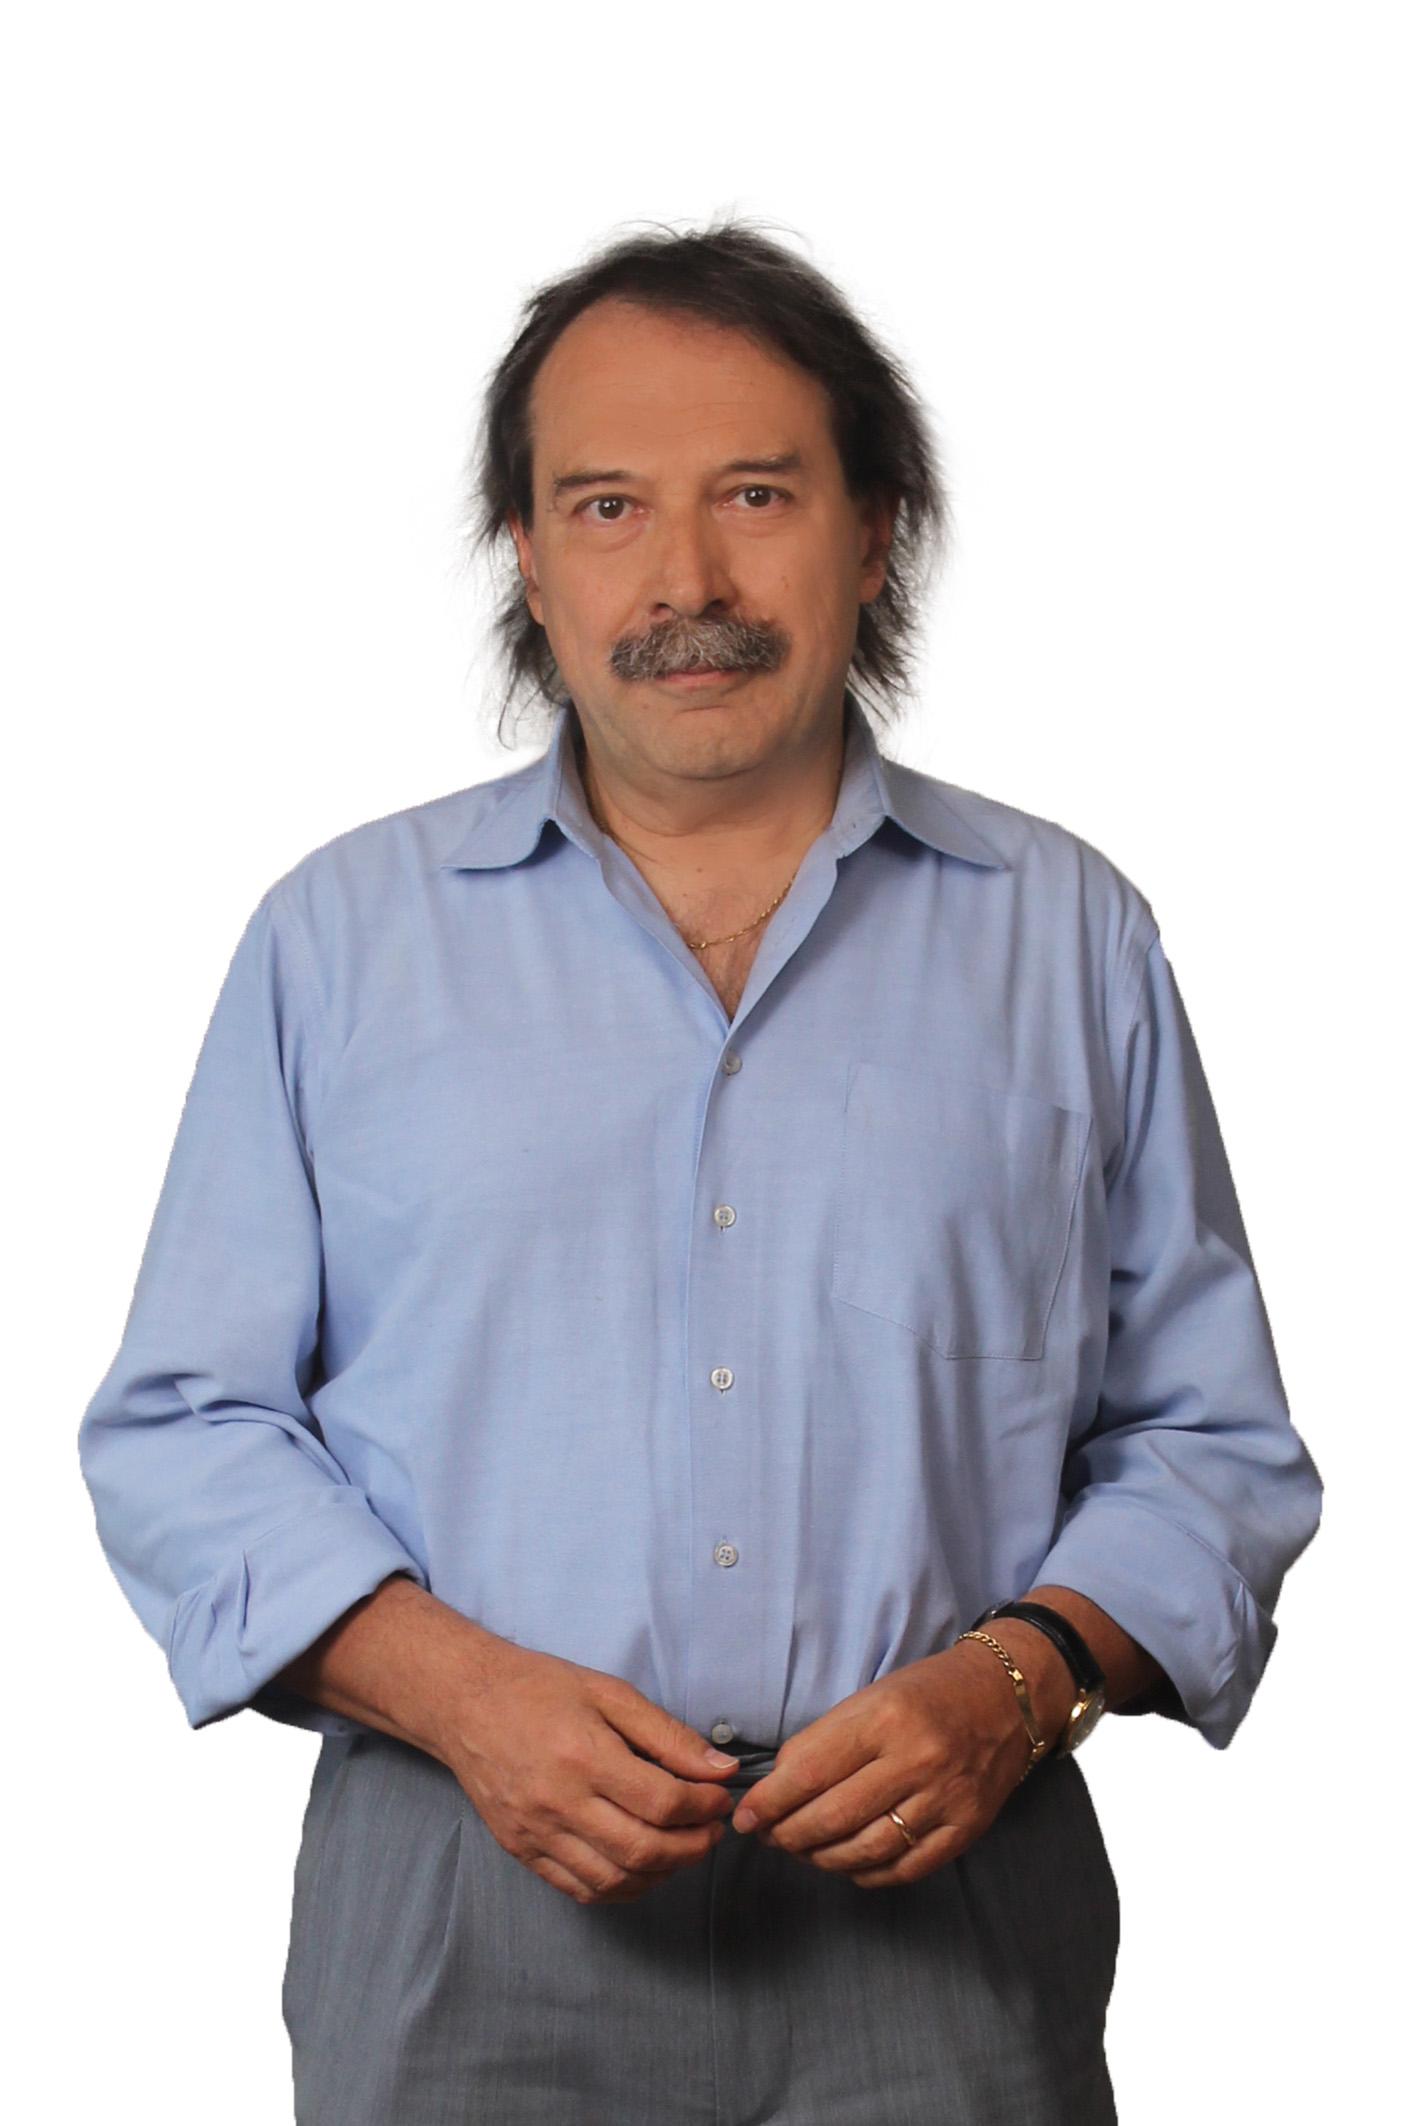 Luigi Guicciardi